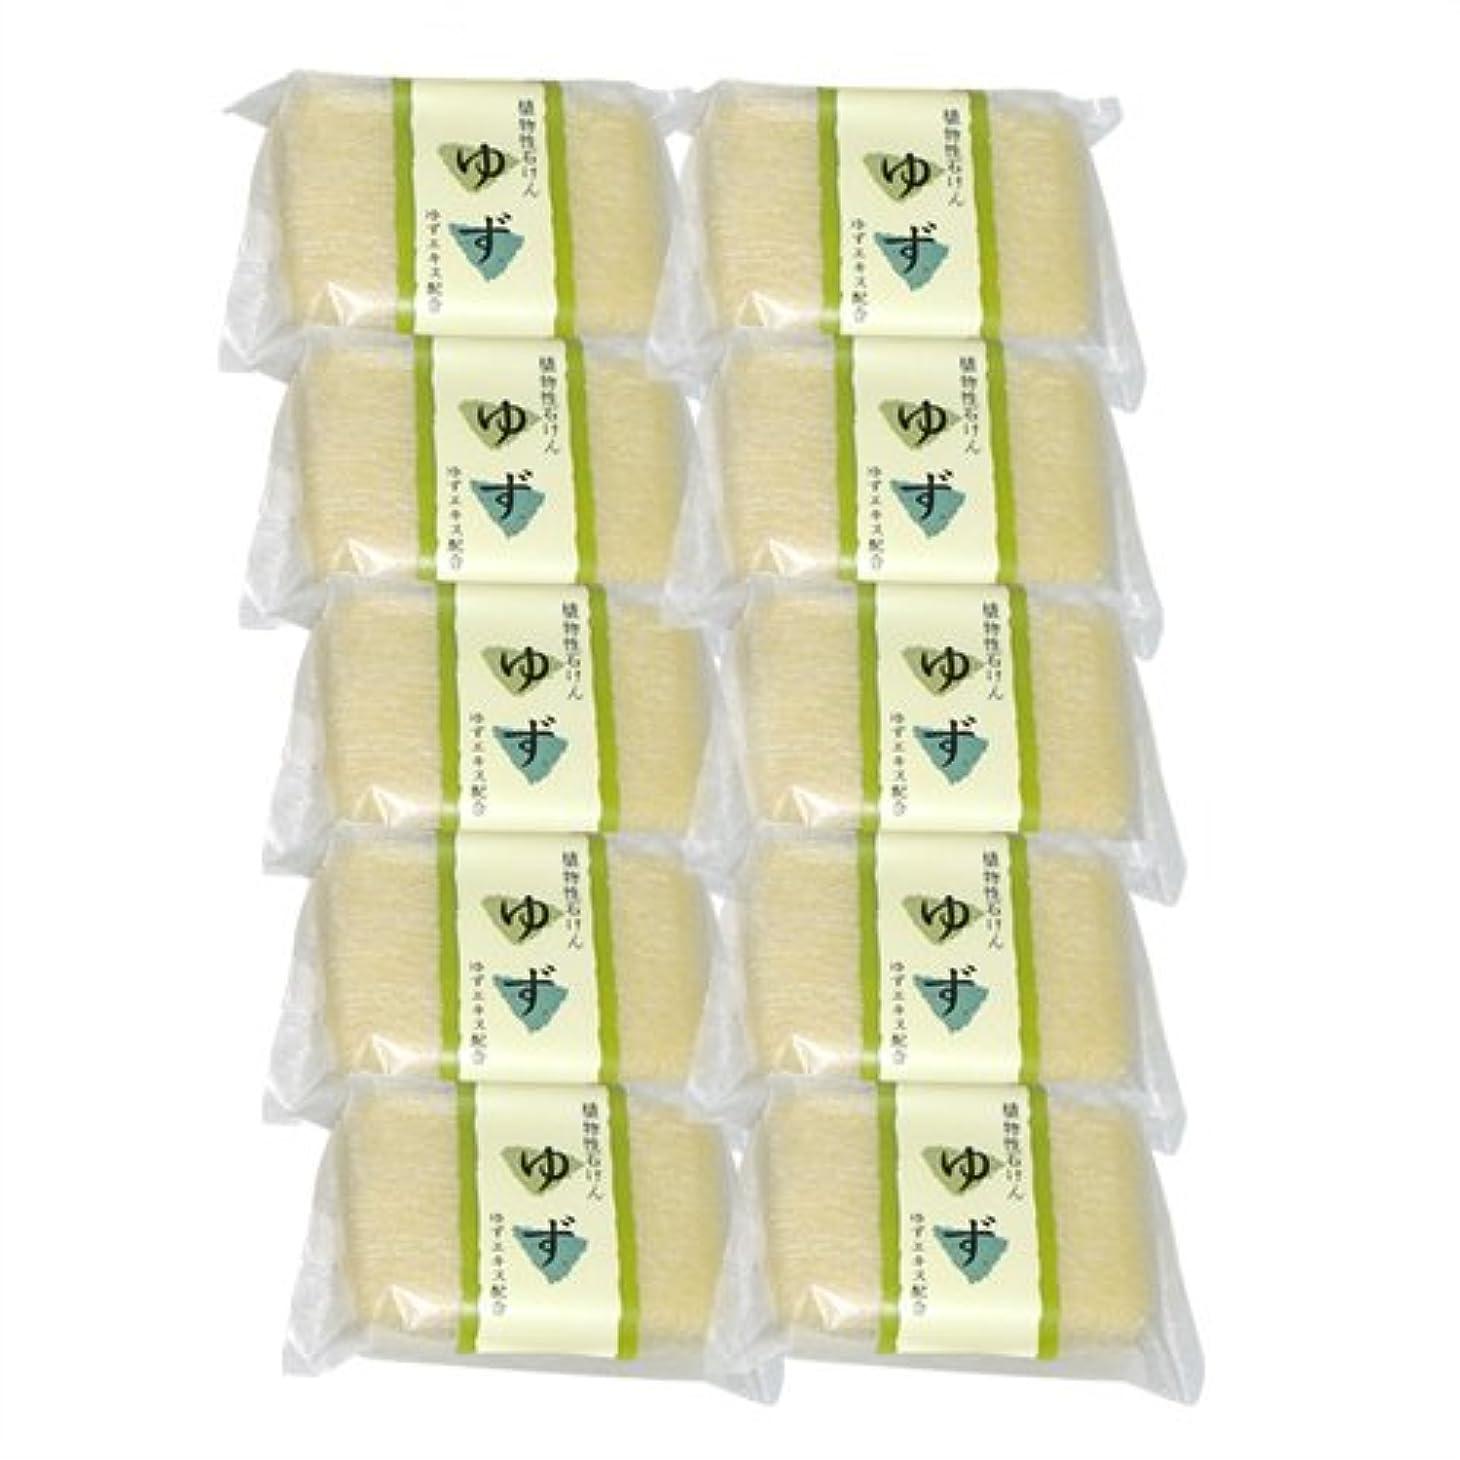 スイトーンバーマド植物性ソープ 自然石けん ゆず 80g×10個セット